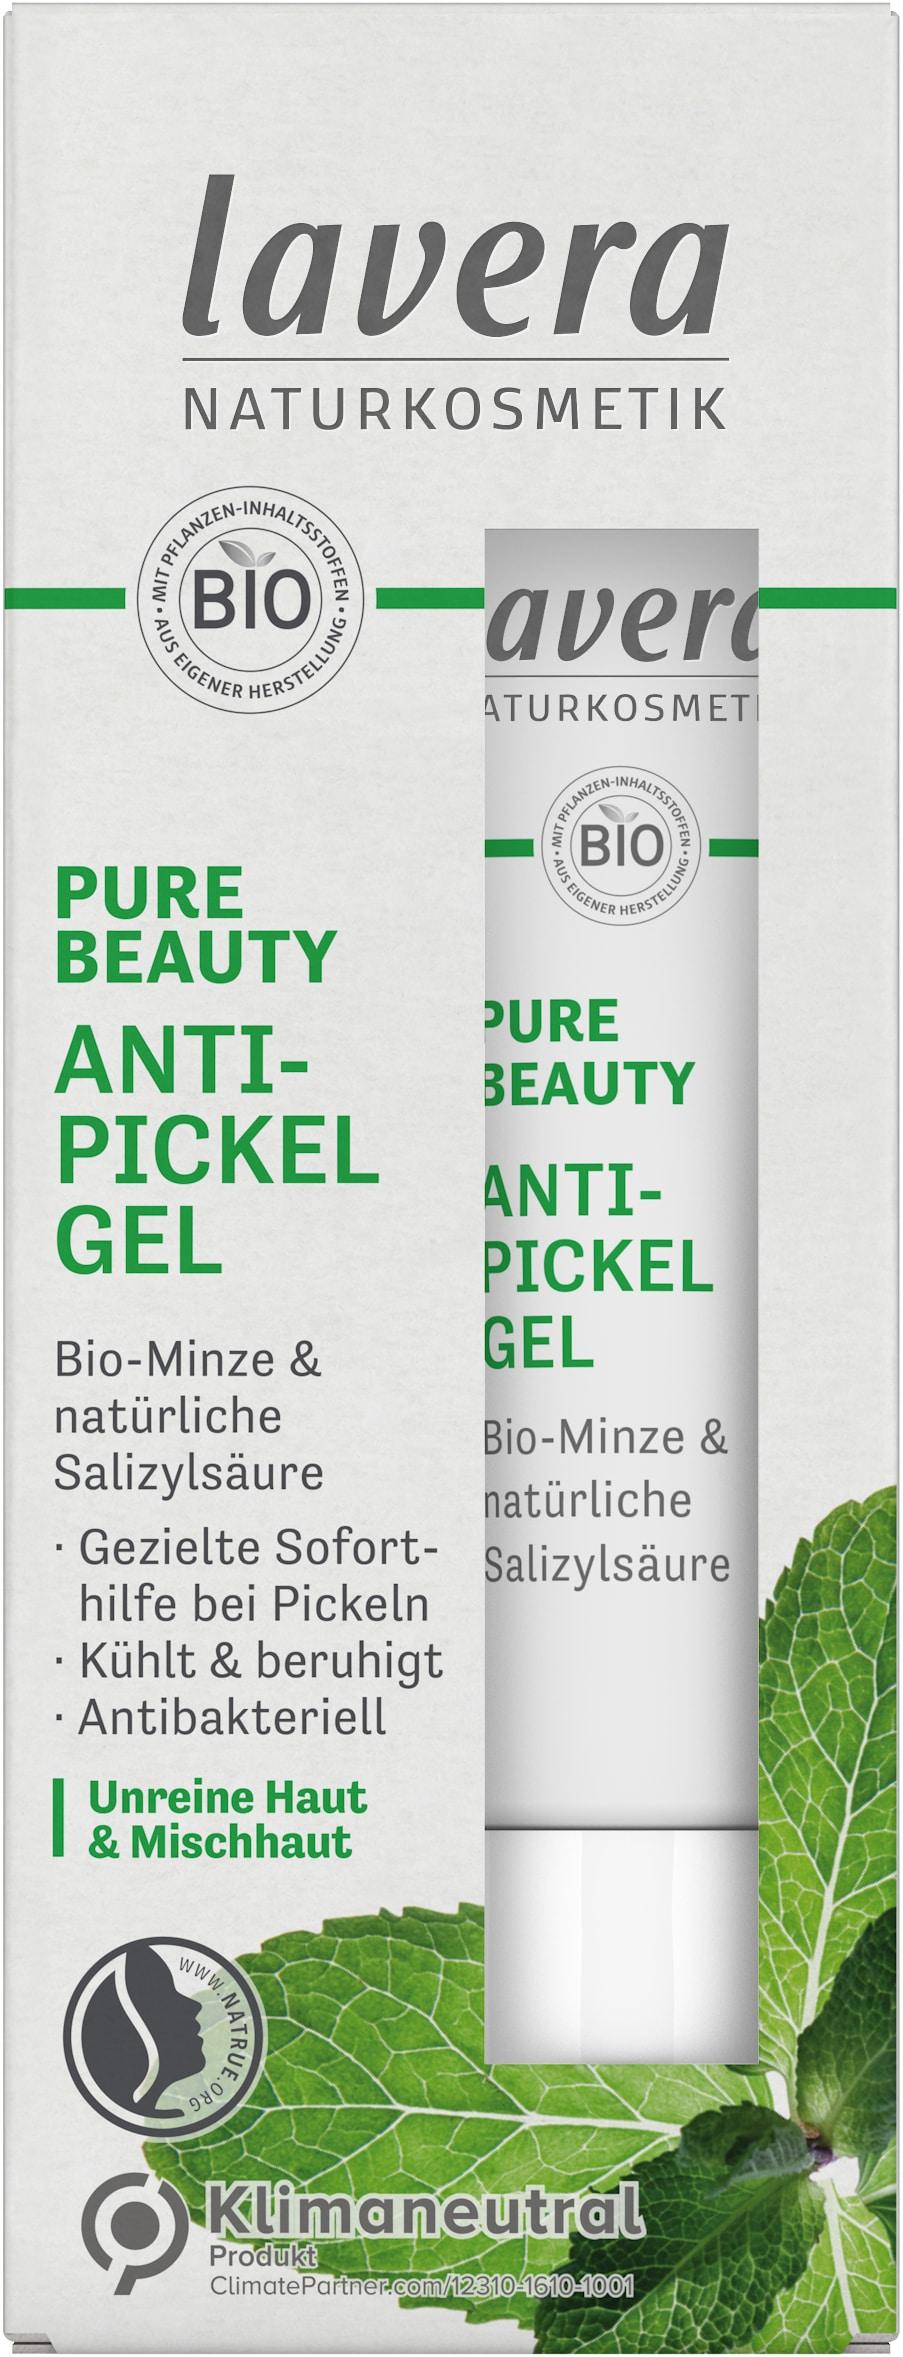 PURE BEAUTY Anti-Pickel Gel